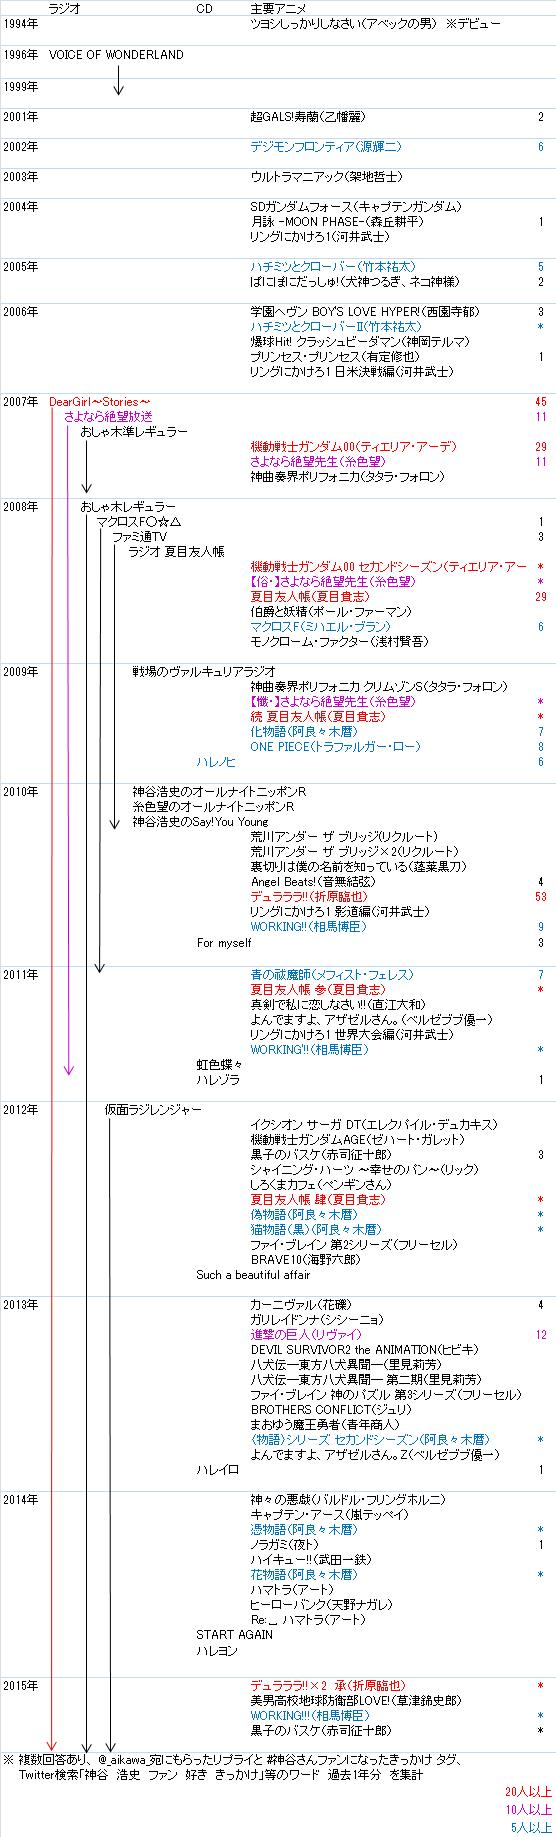 f:id:a1kavva:20150116232201p:plain